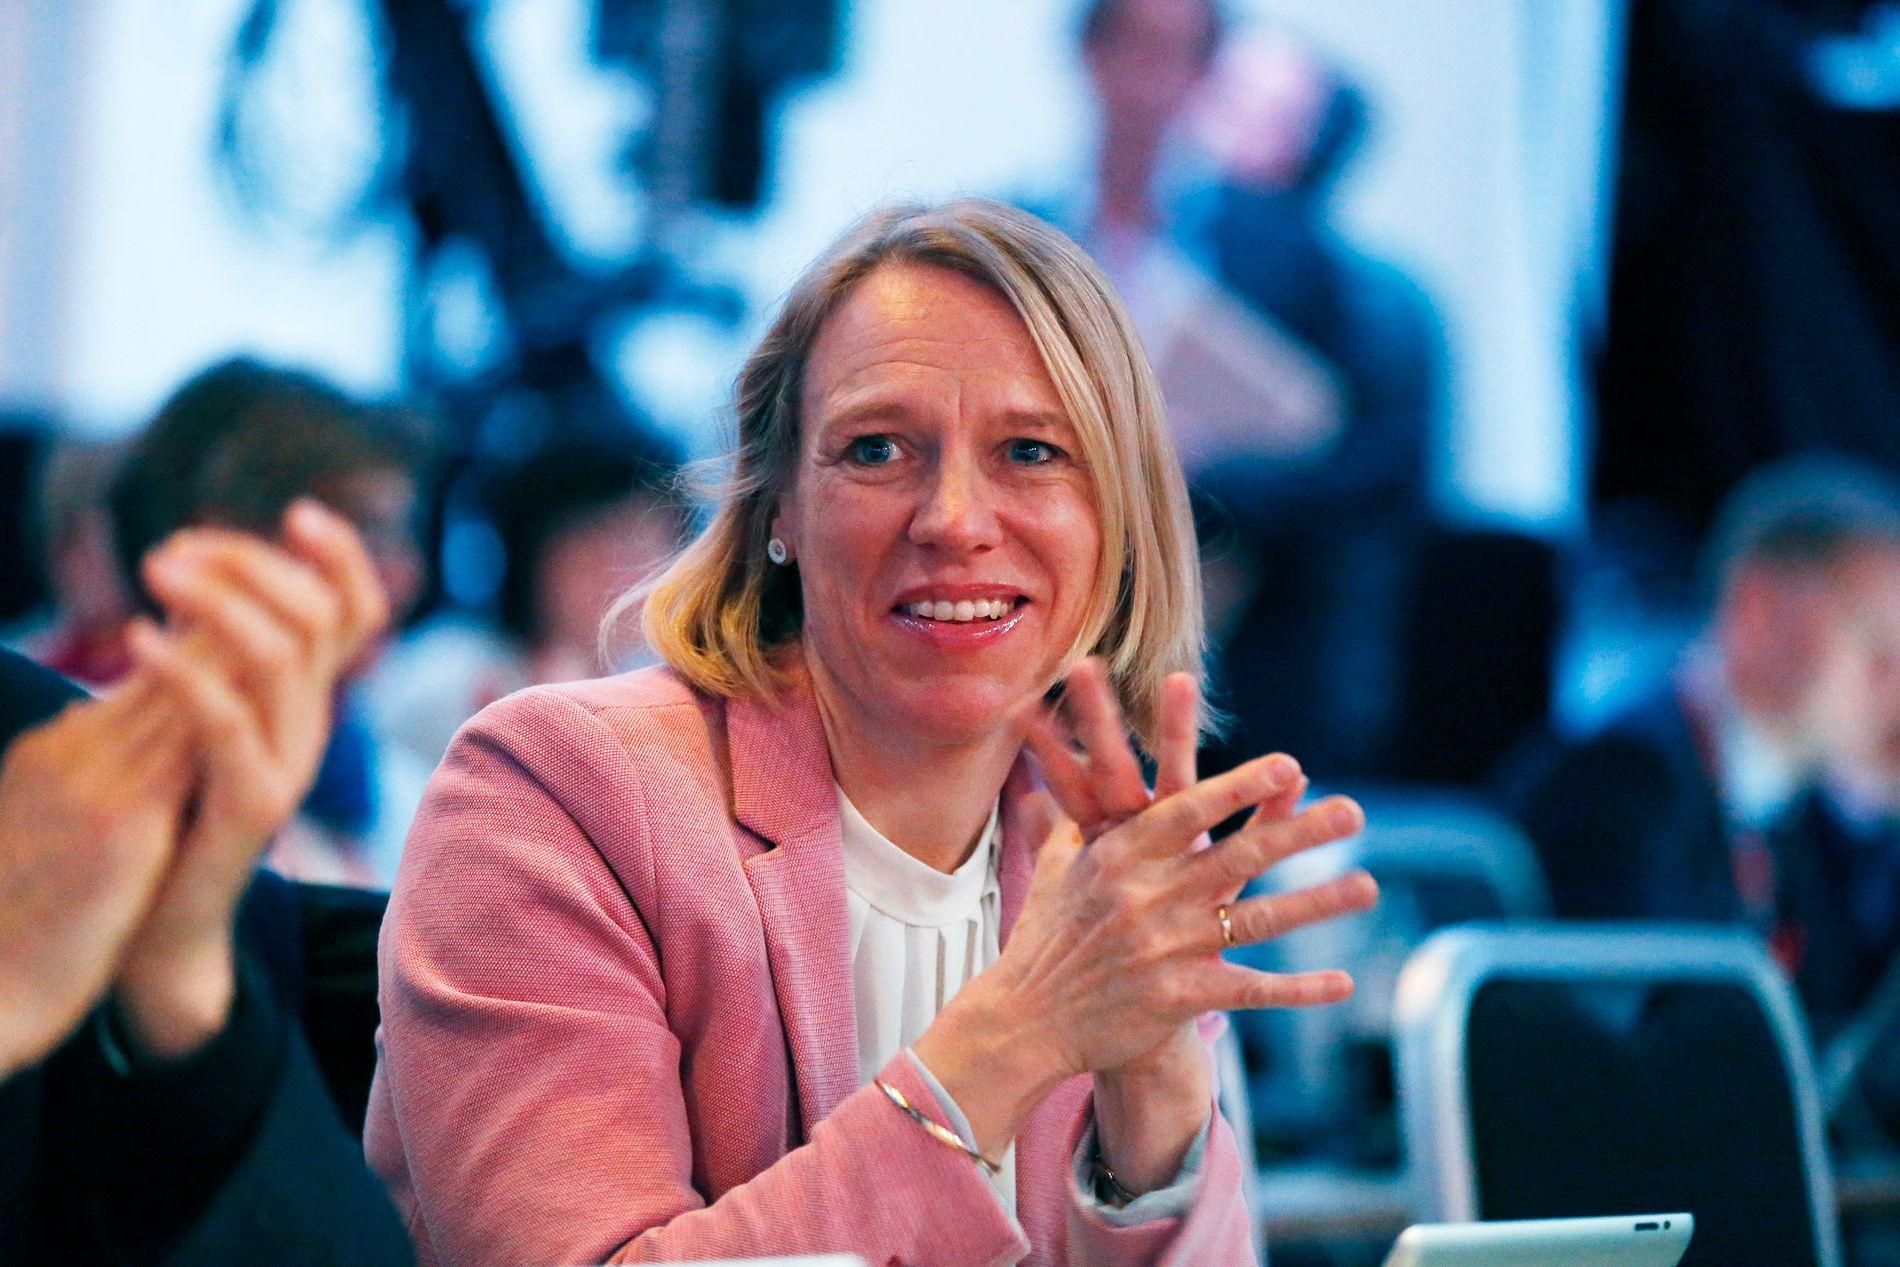 ENDRET SYN: I et innslag på TV 2-nyhetene torsdag sier Anniken Huitfeldt at hun har endret syn på seksuell trakassering. Her på Arbeiderpartiets landsmøte i fjor. FOTO: TROND SOLBERG/VG